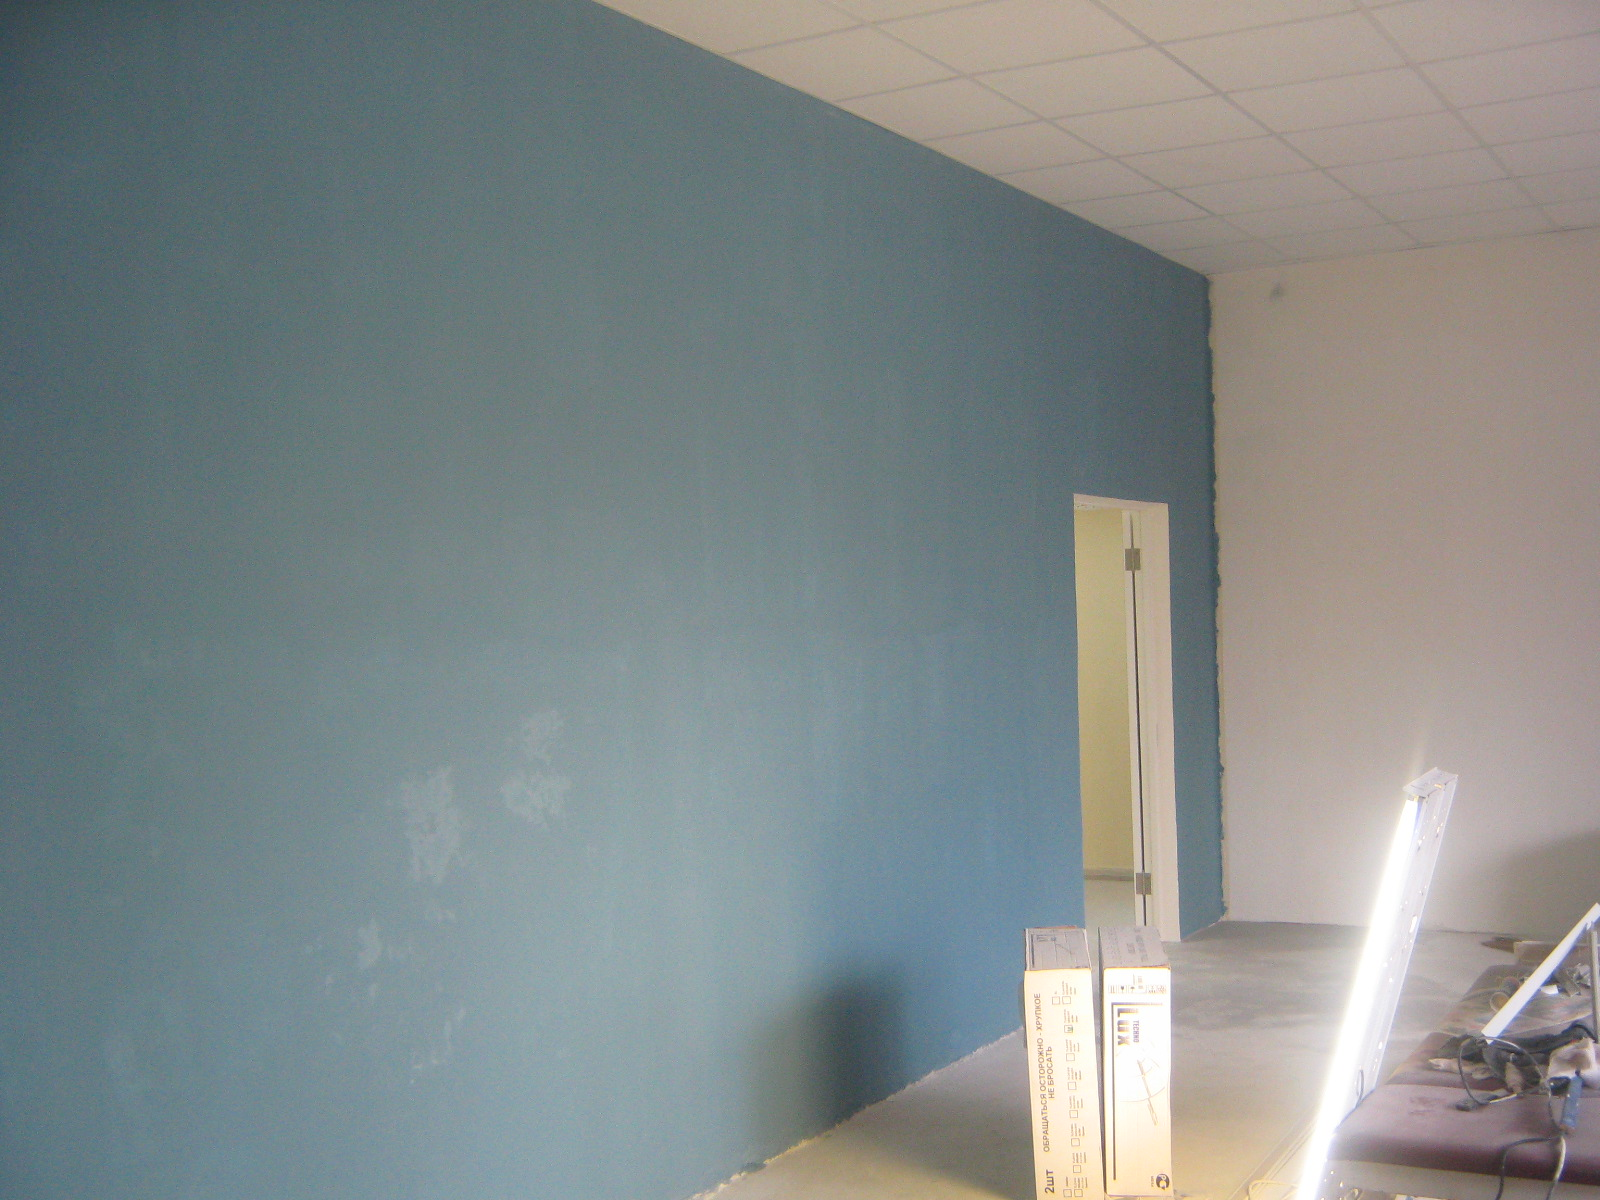 Виды покраски стен в помещении фото